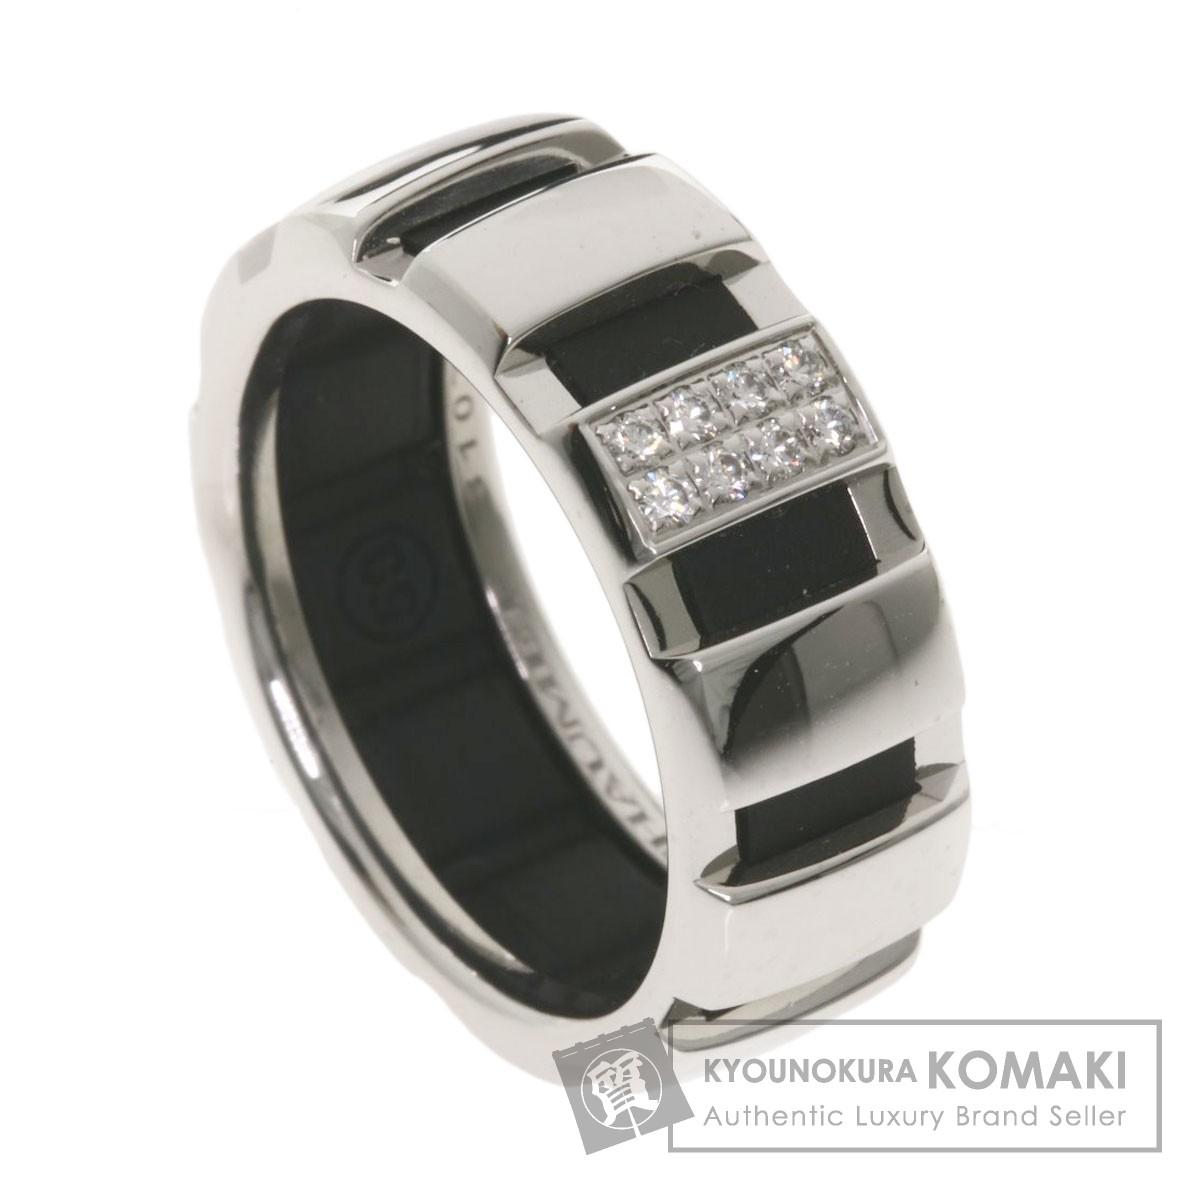 ショーメ クラスワン ダイヤモンド リング・指輪 K18ホワイトゴールド レディース 【中古】【Chaumet】